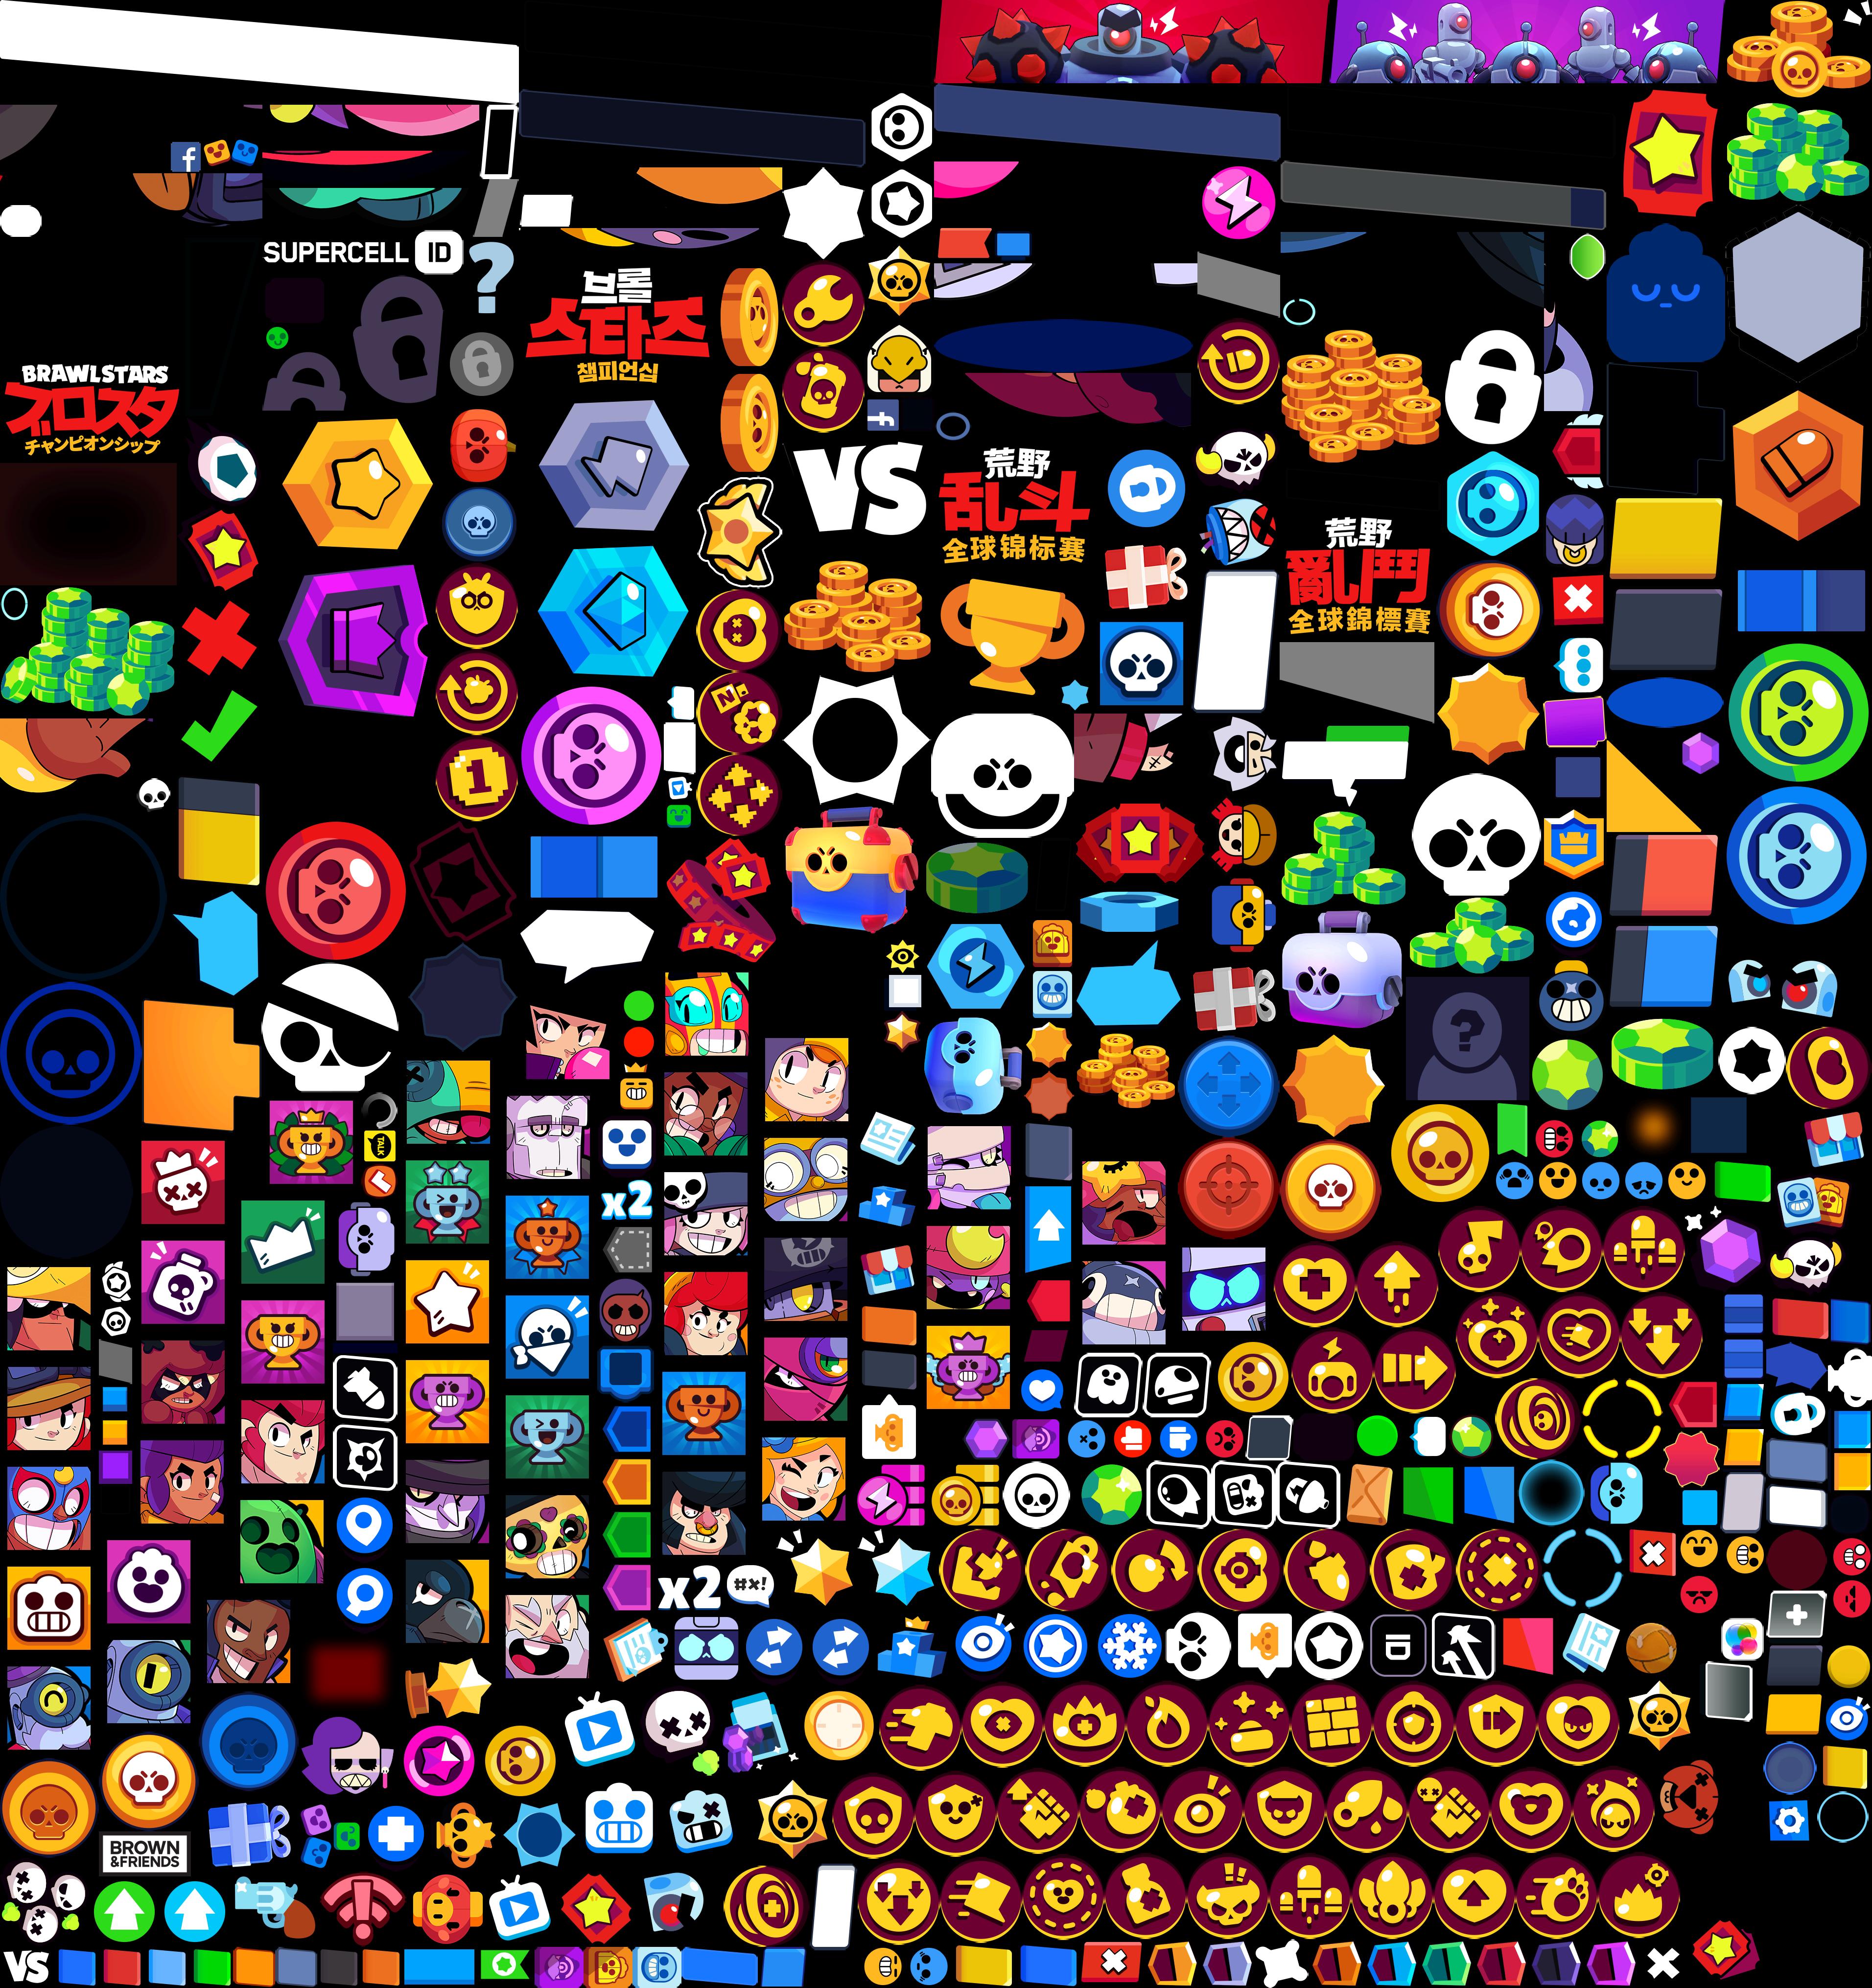 эффективного картинка со значками игр поделка делается очень